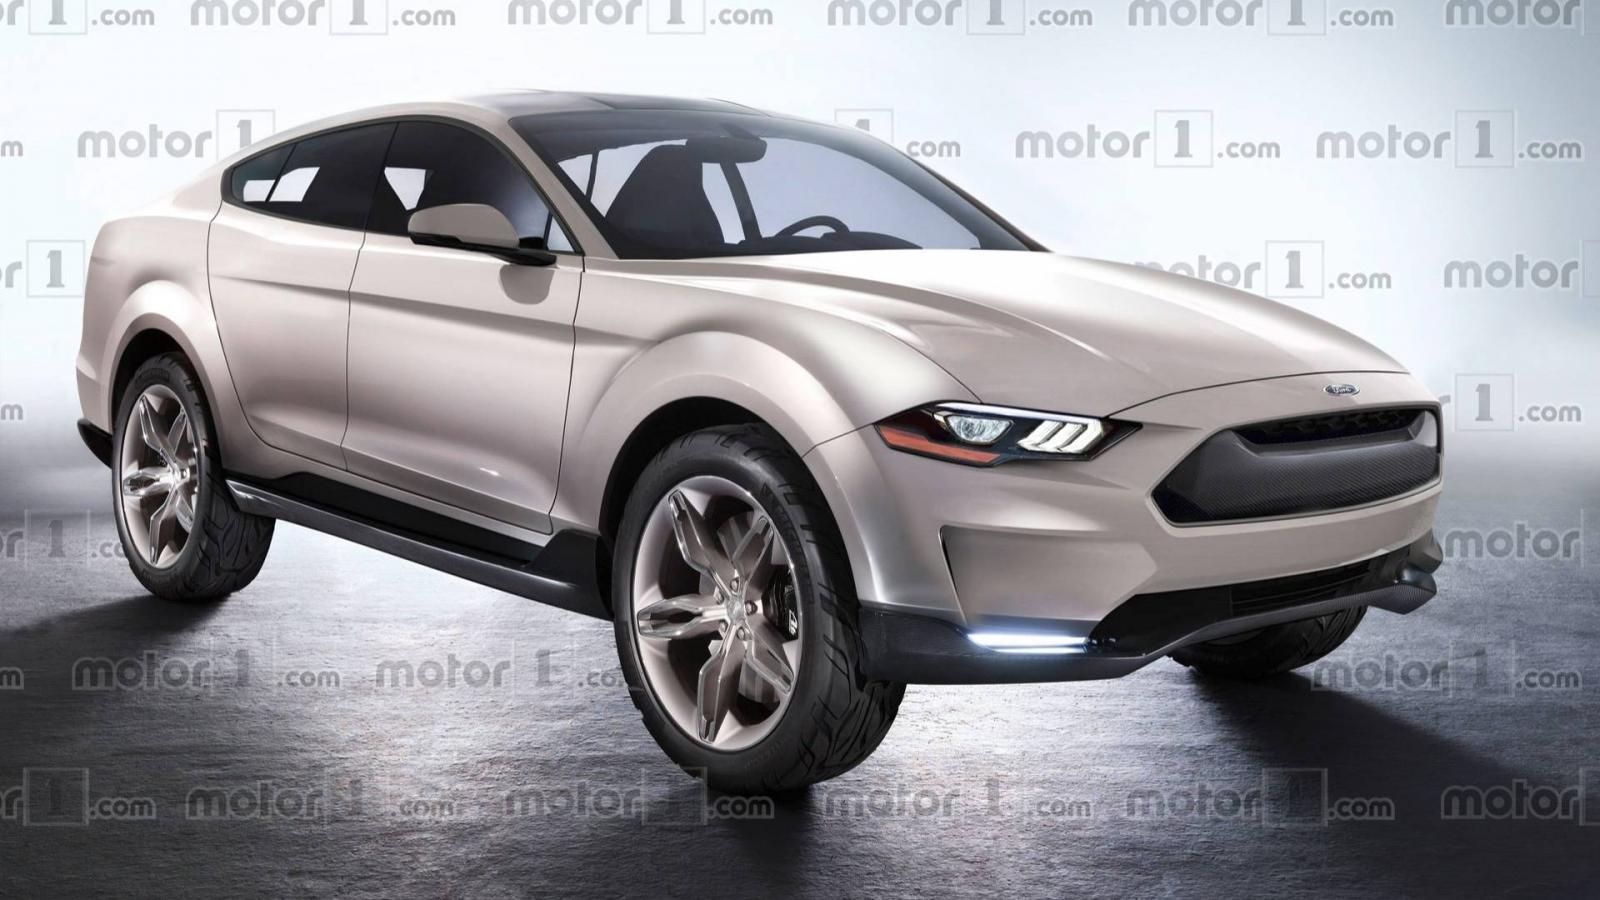 Fan ô tô sắp diện kiến mẫu crossover điện có thiết kế giống Ford Mustang a1